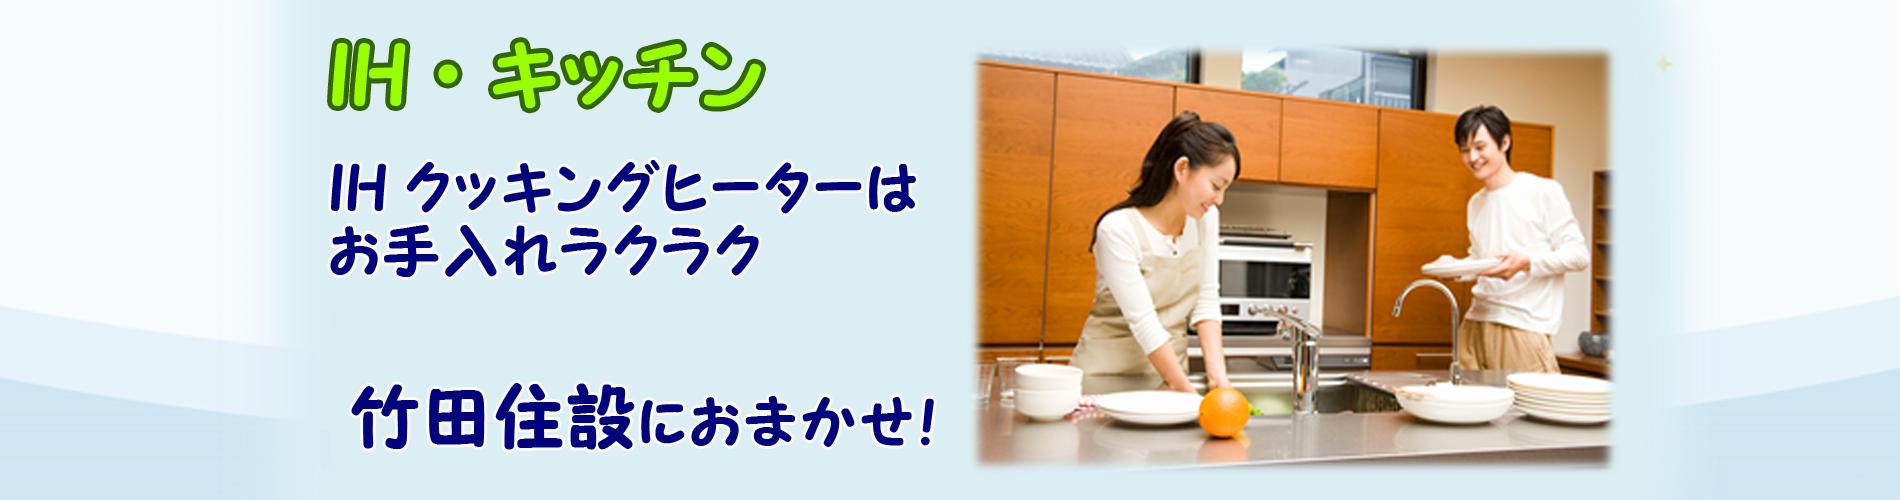 IH・キッチン